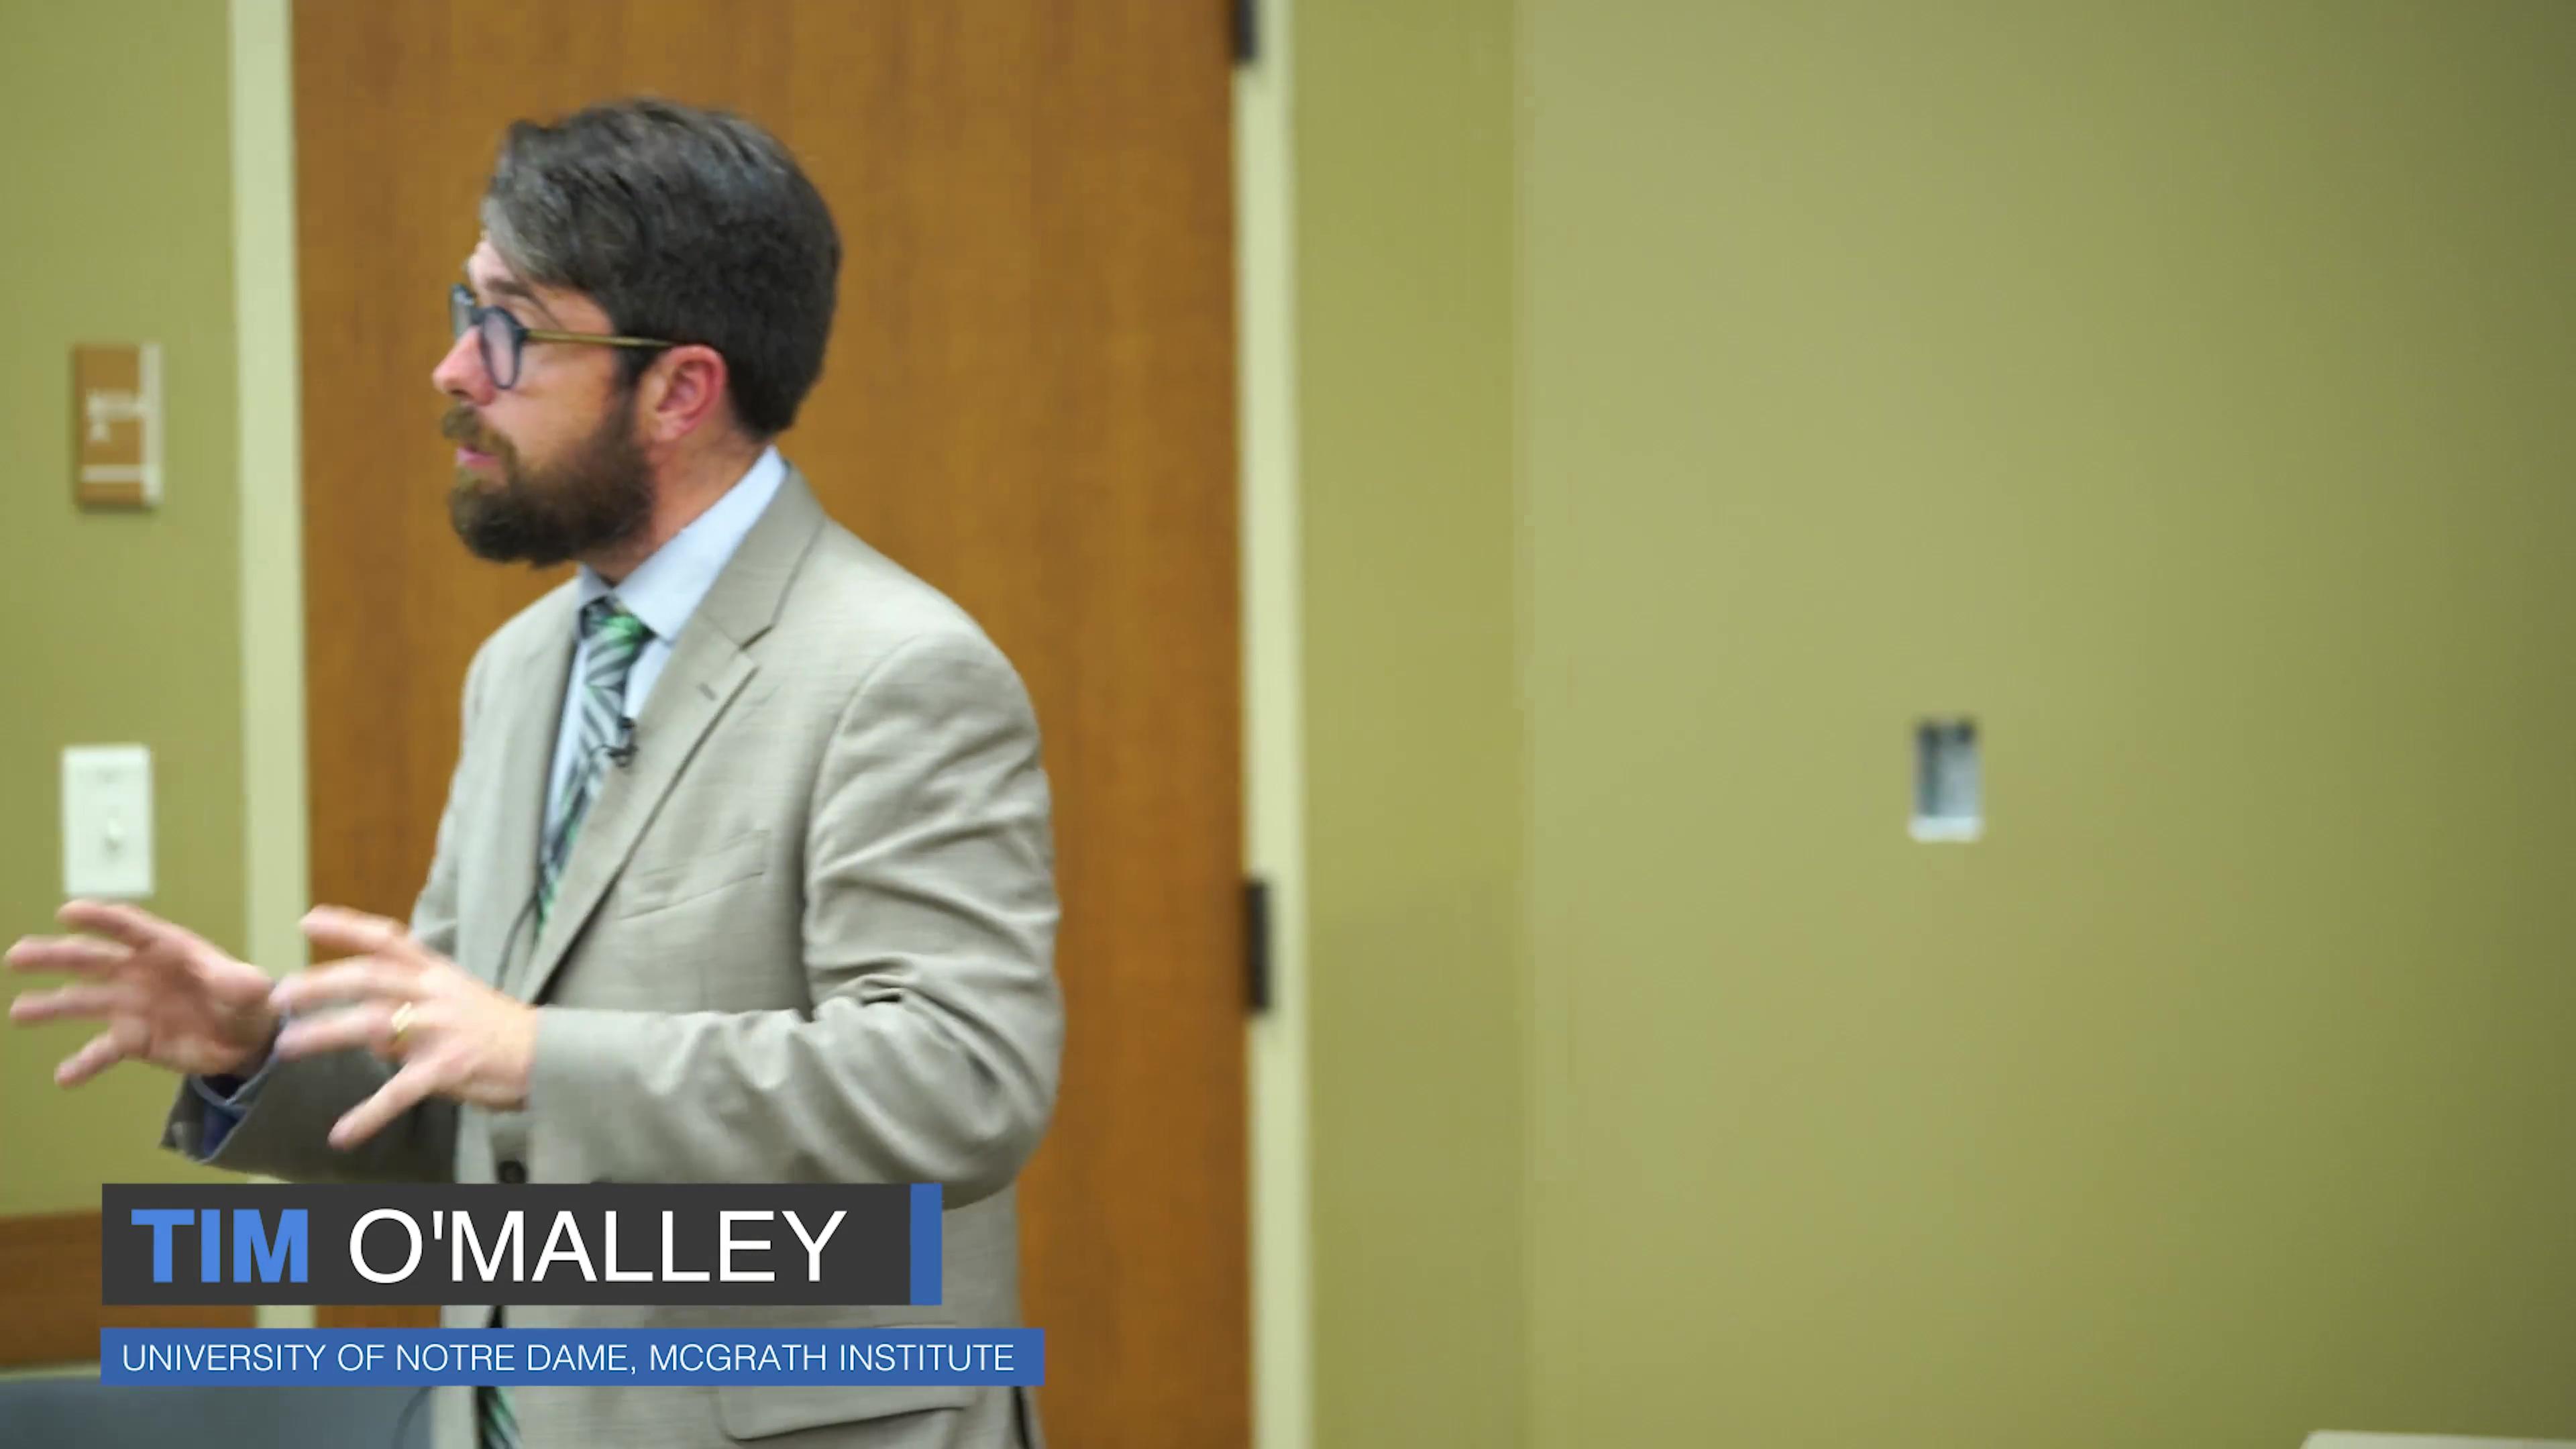 Tim Omalley Talk